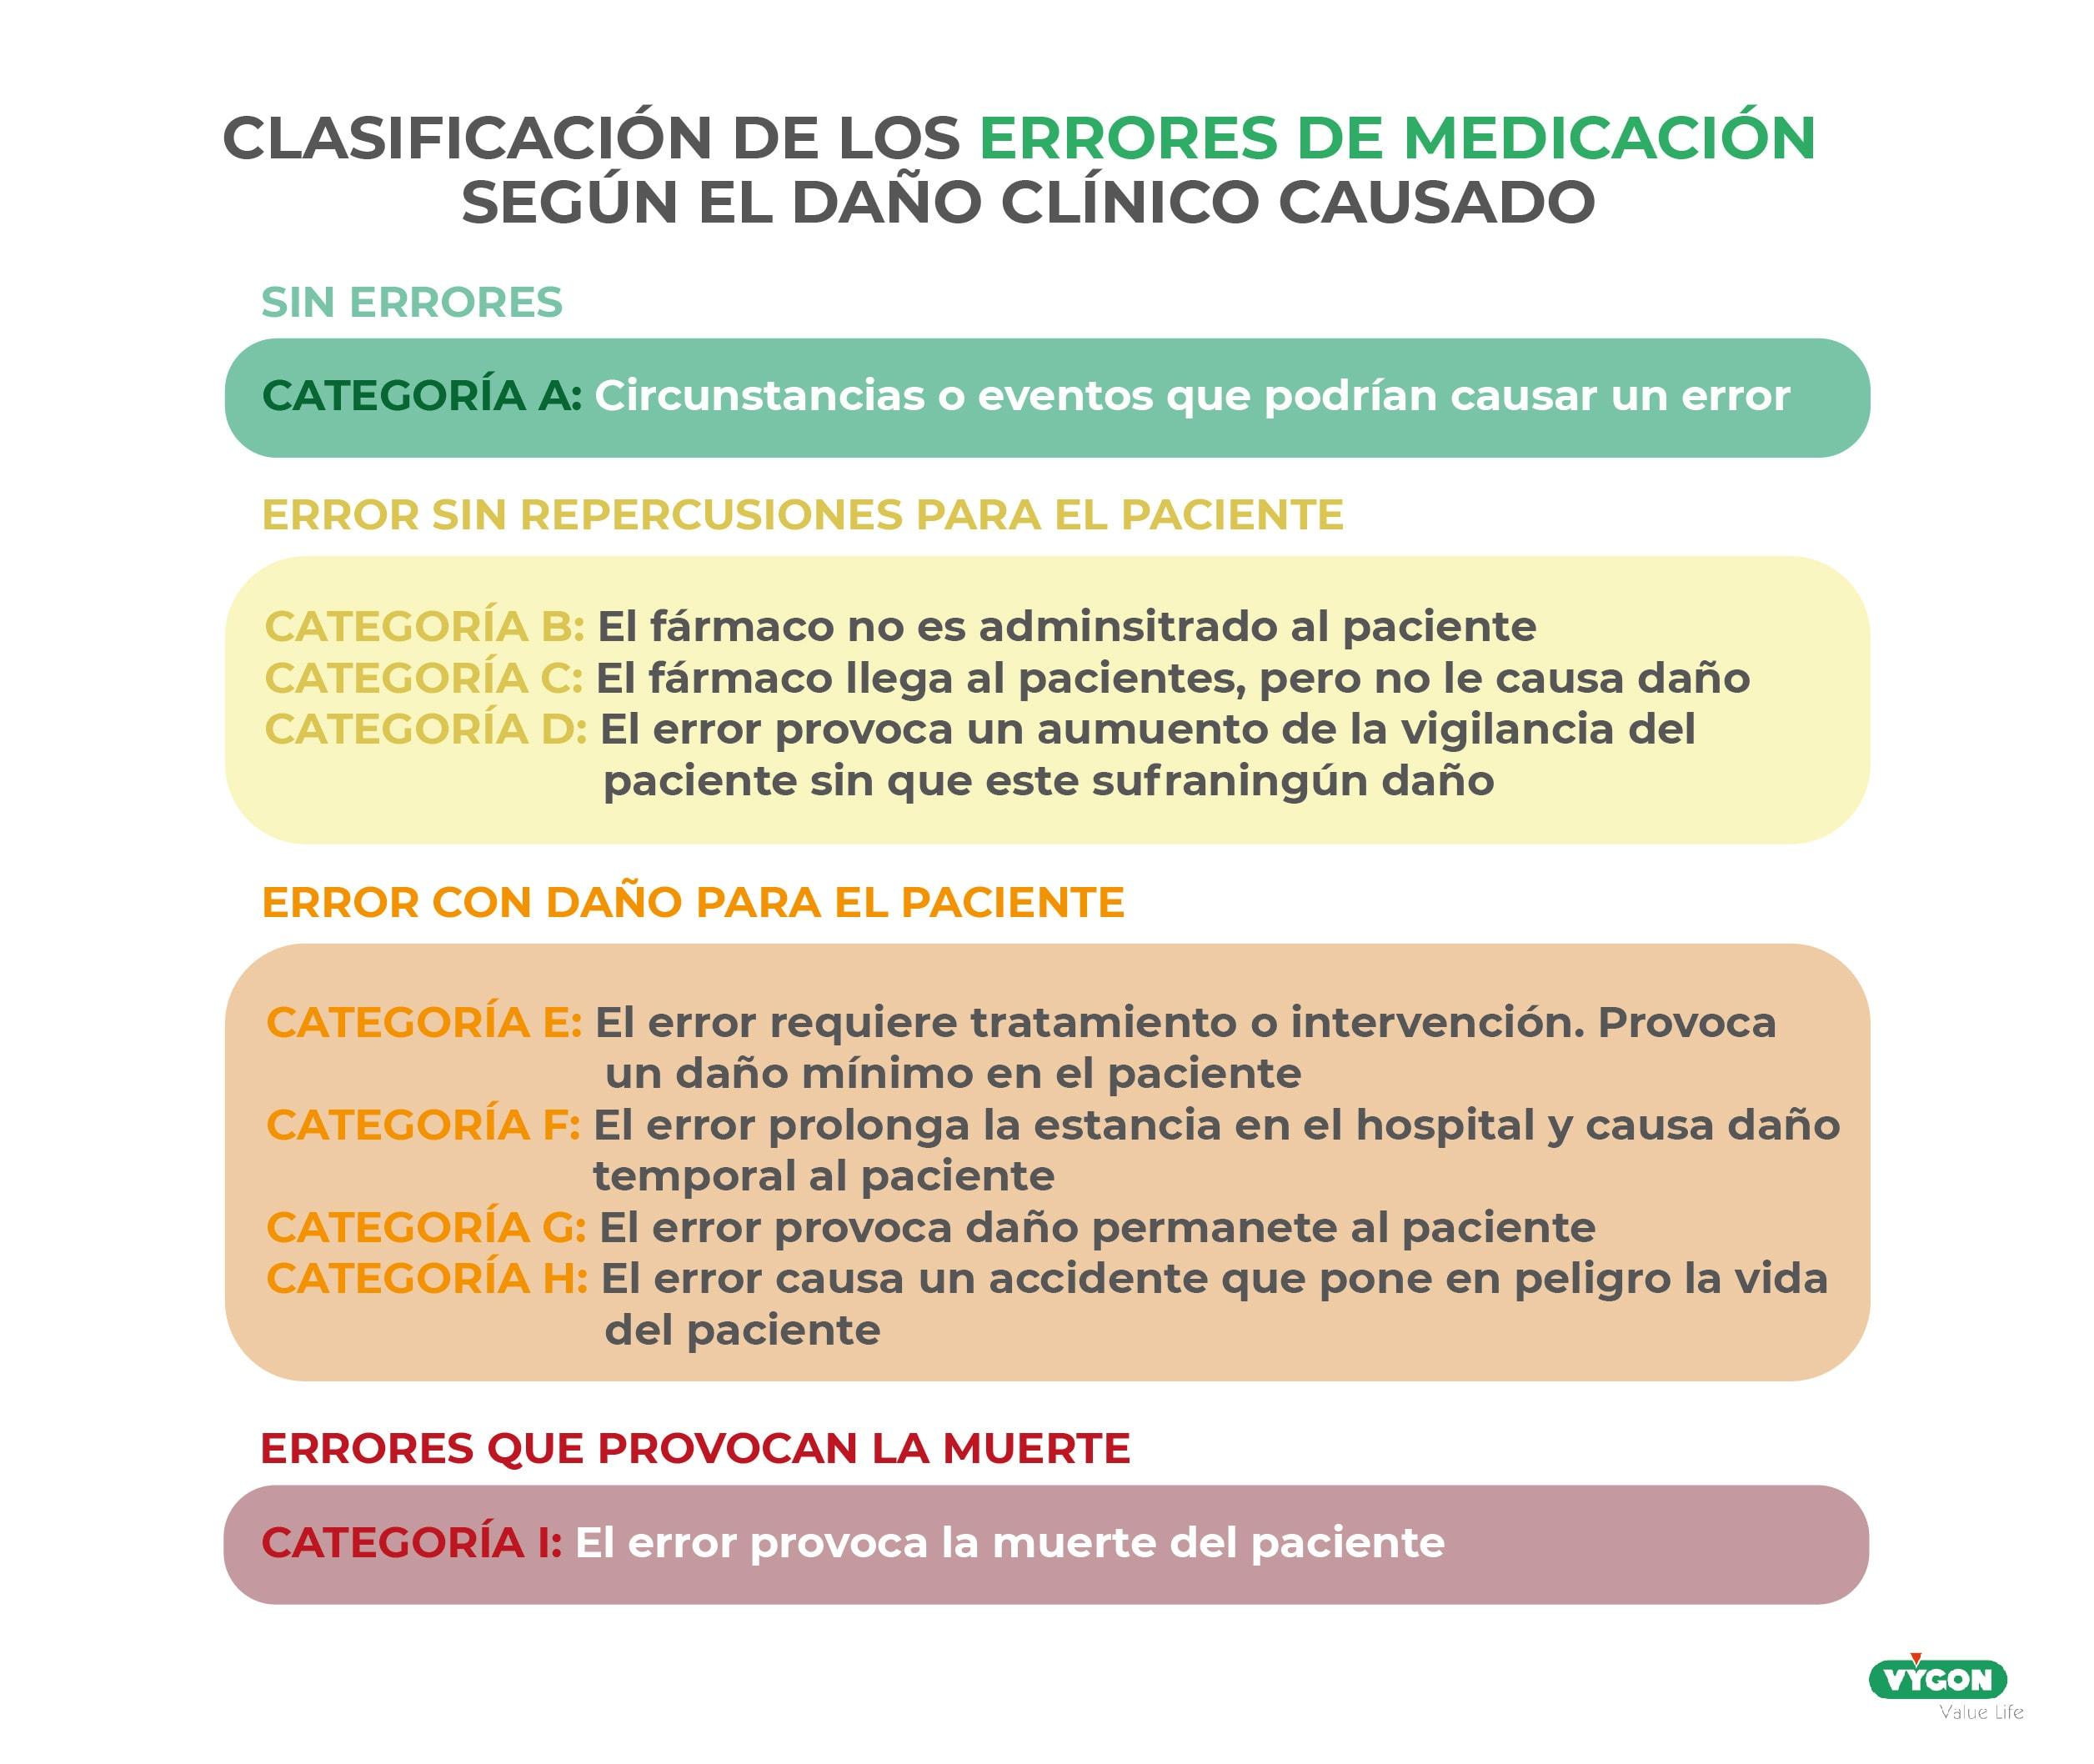 Clasificación de los errores de medicación (neonatología)